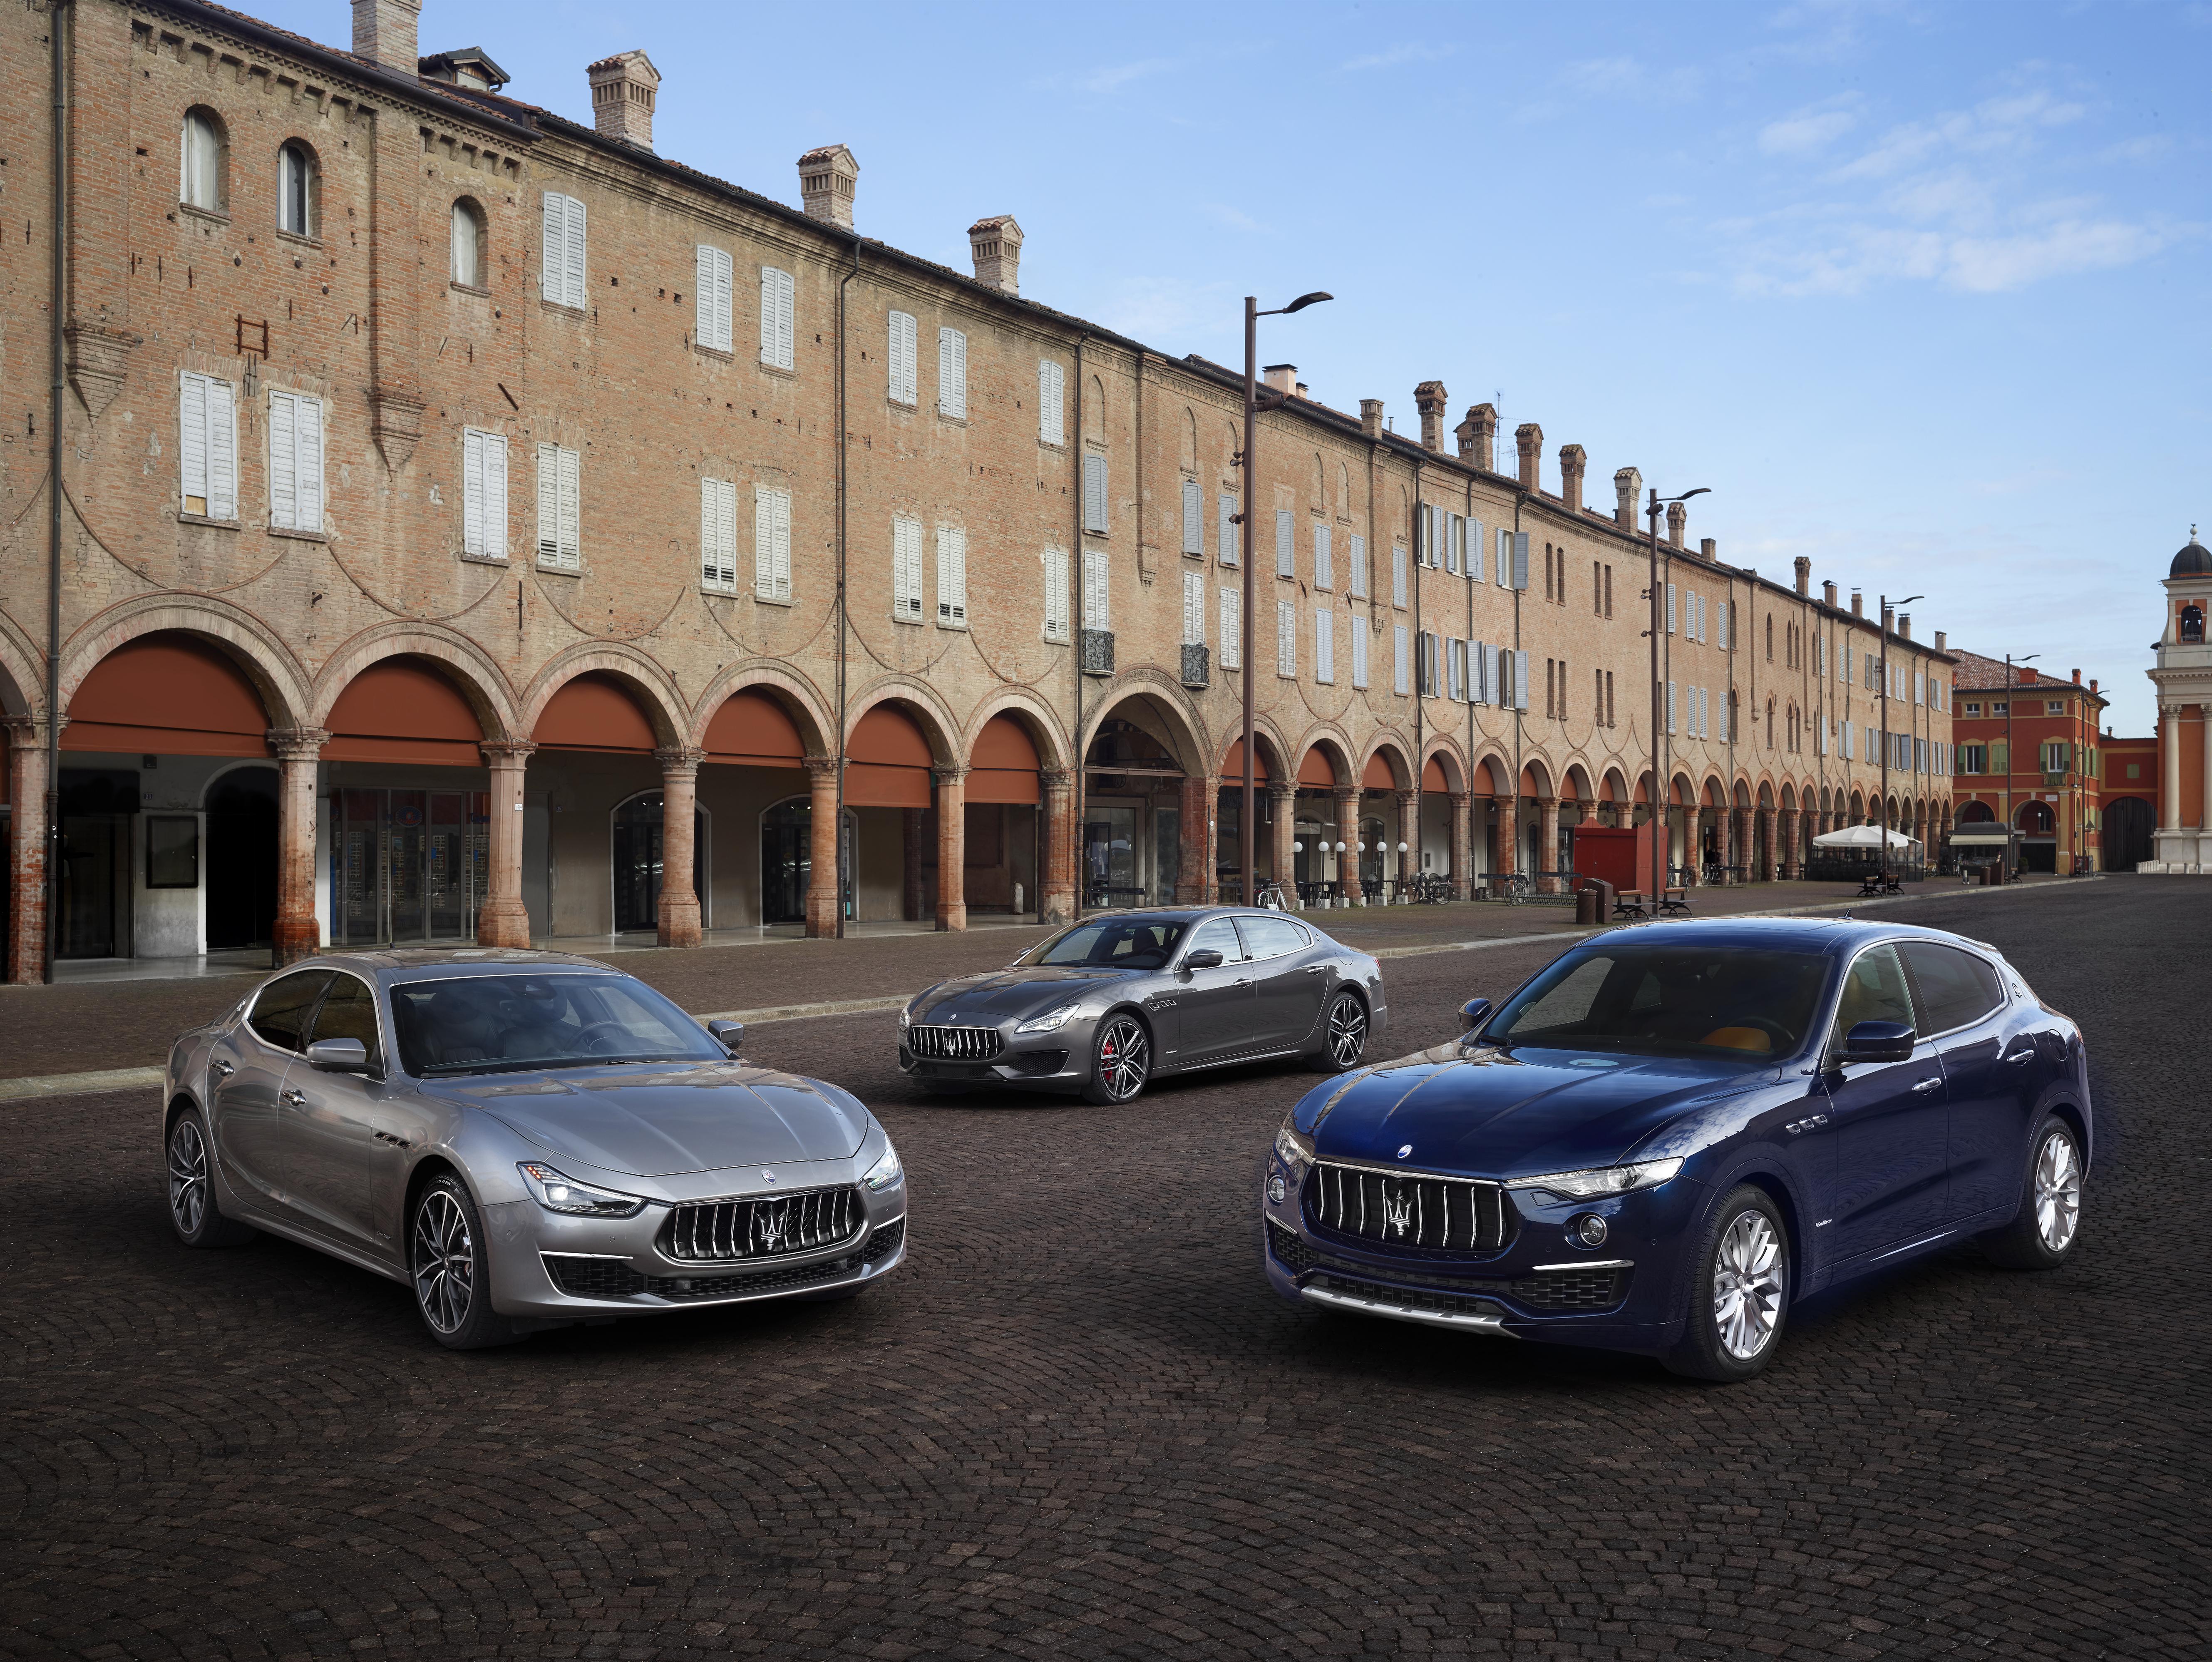 2020年式Maserati 全面升級ADAS先進駕駛輔助系統,融淬貨真價實的跑車動力系統,為所有駕馭者帶來最全面的義式GT跑格